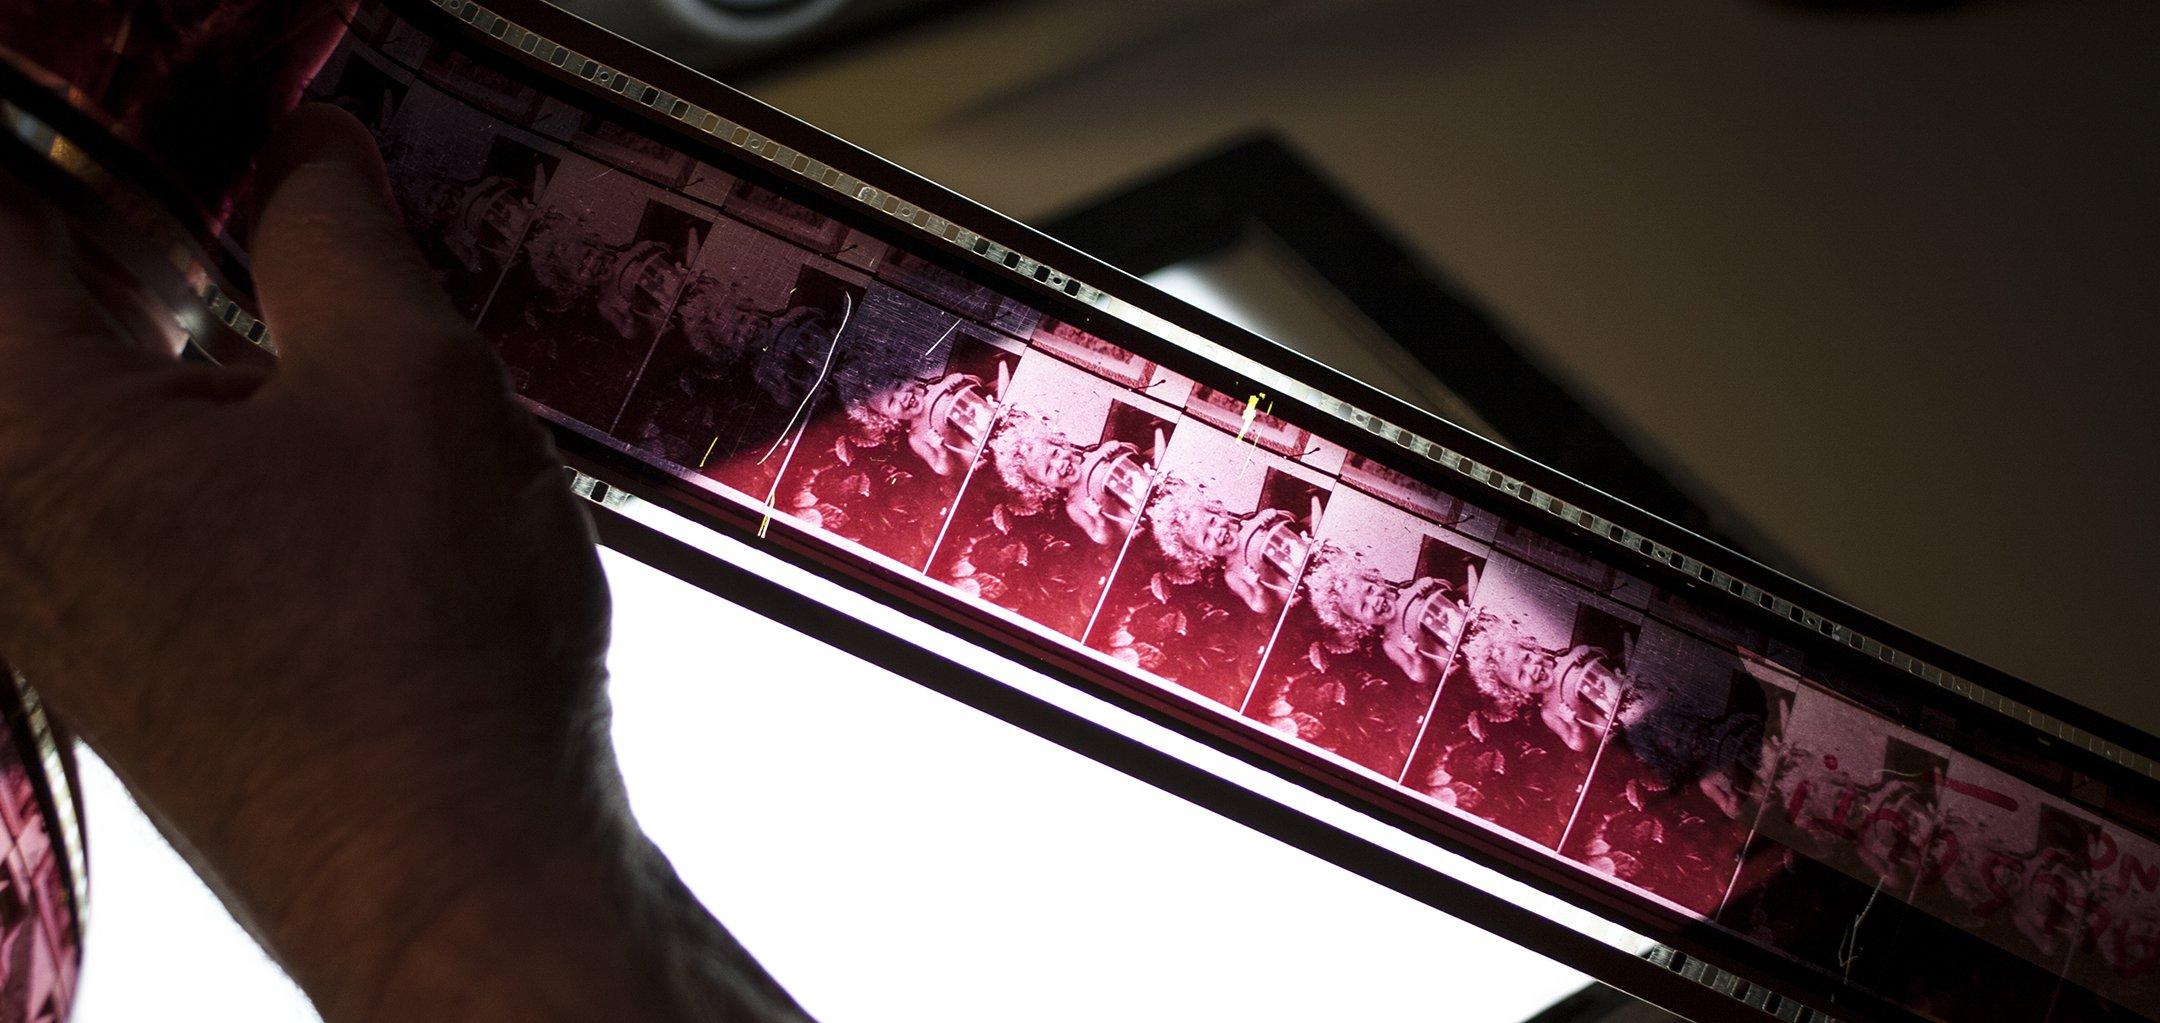 Film over lightbox - hero image.jpg